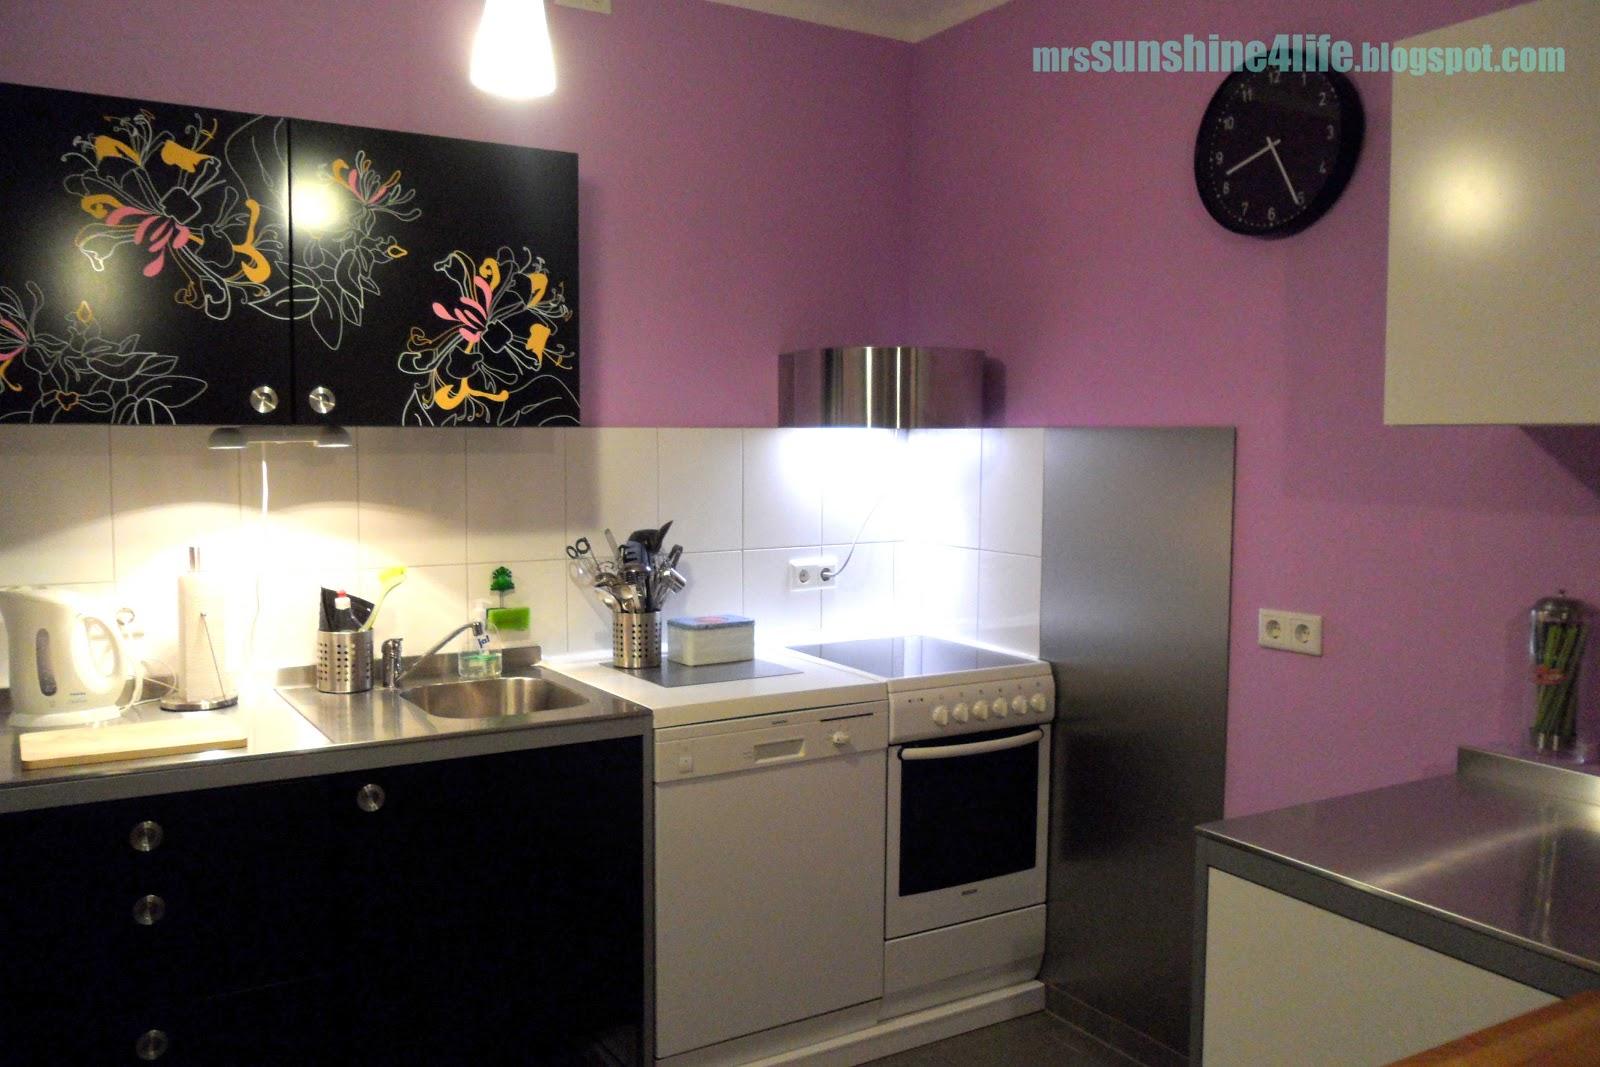 ikea udden herd anschlie en. Black Bedroom Furniture Sets. Home Design Ideas